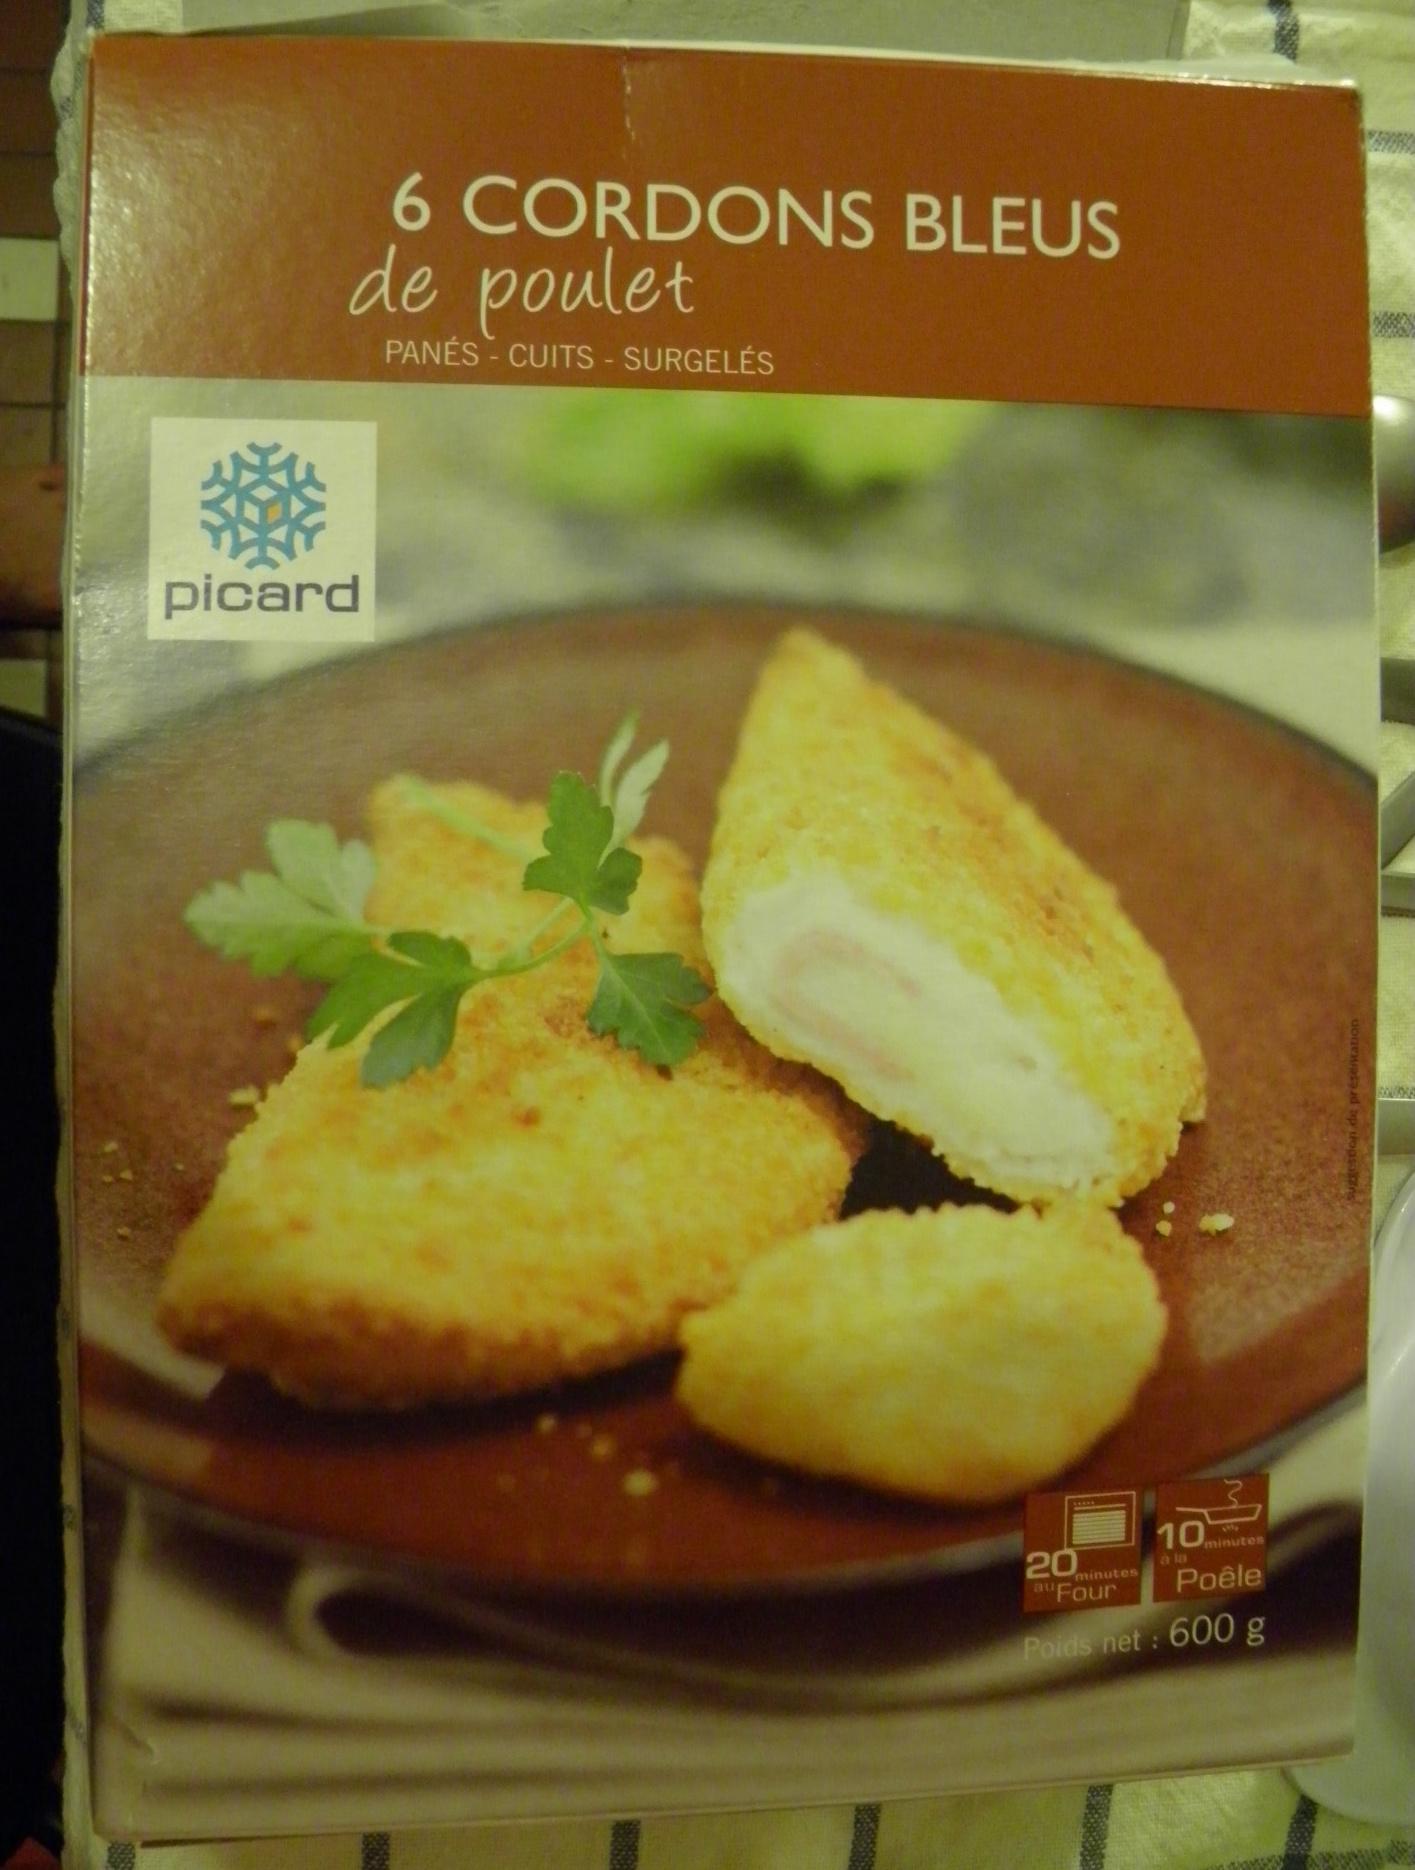 Cordons bleus de poulet picard - Product - fr